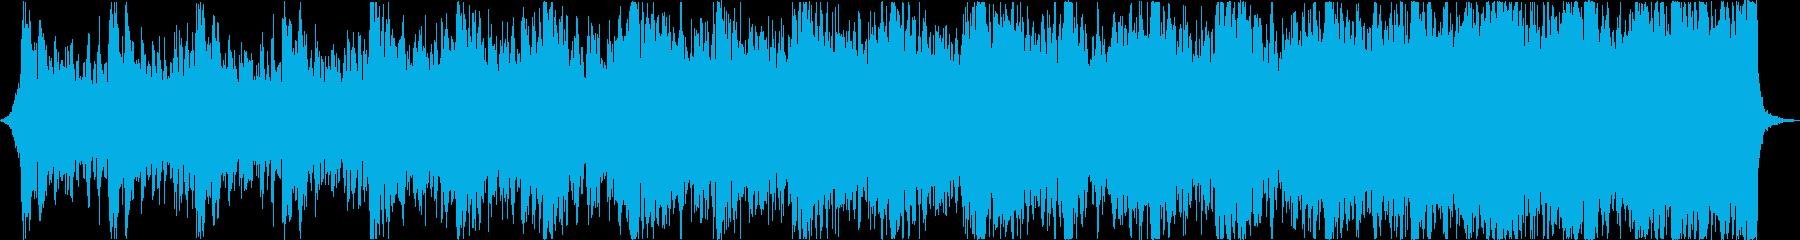 勇壮なハリウッド風エピックトレーラーcの再生済みの波形